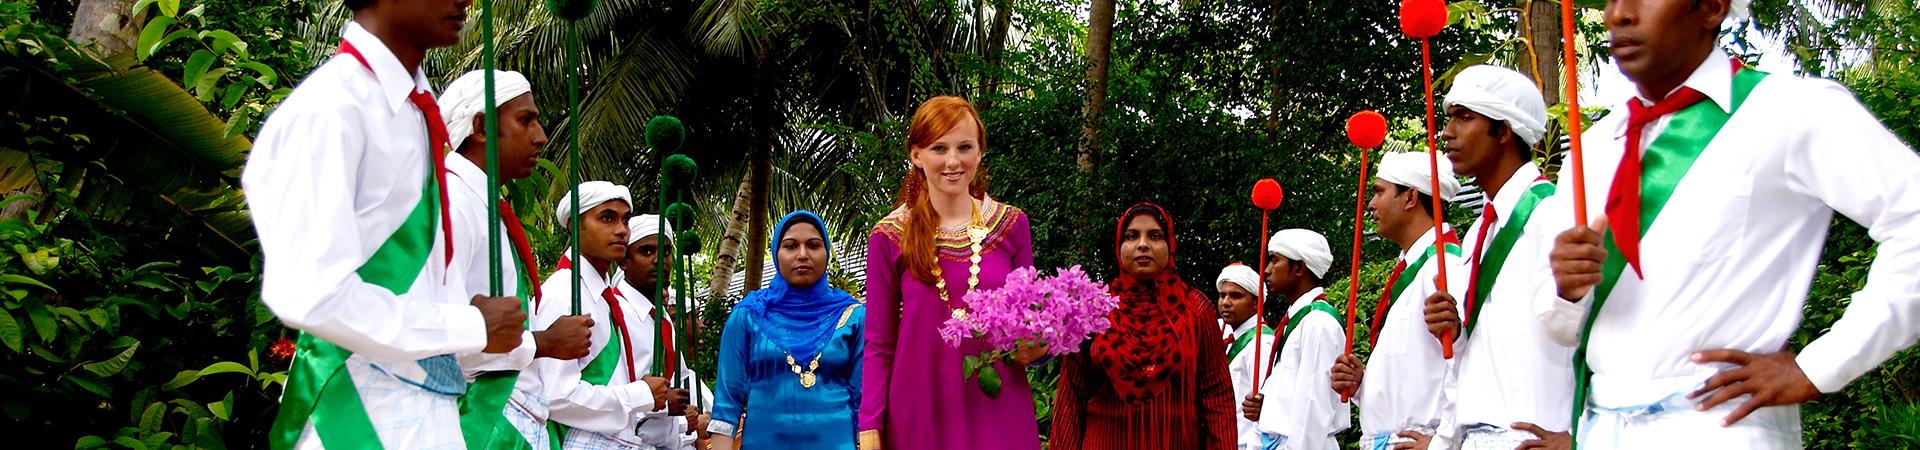 Kultur Malediven